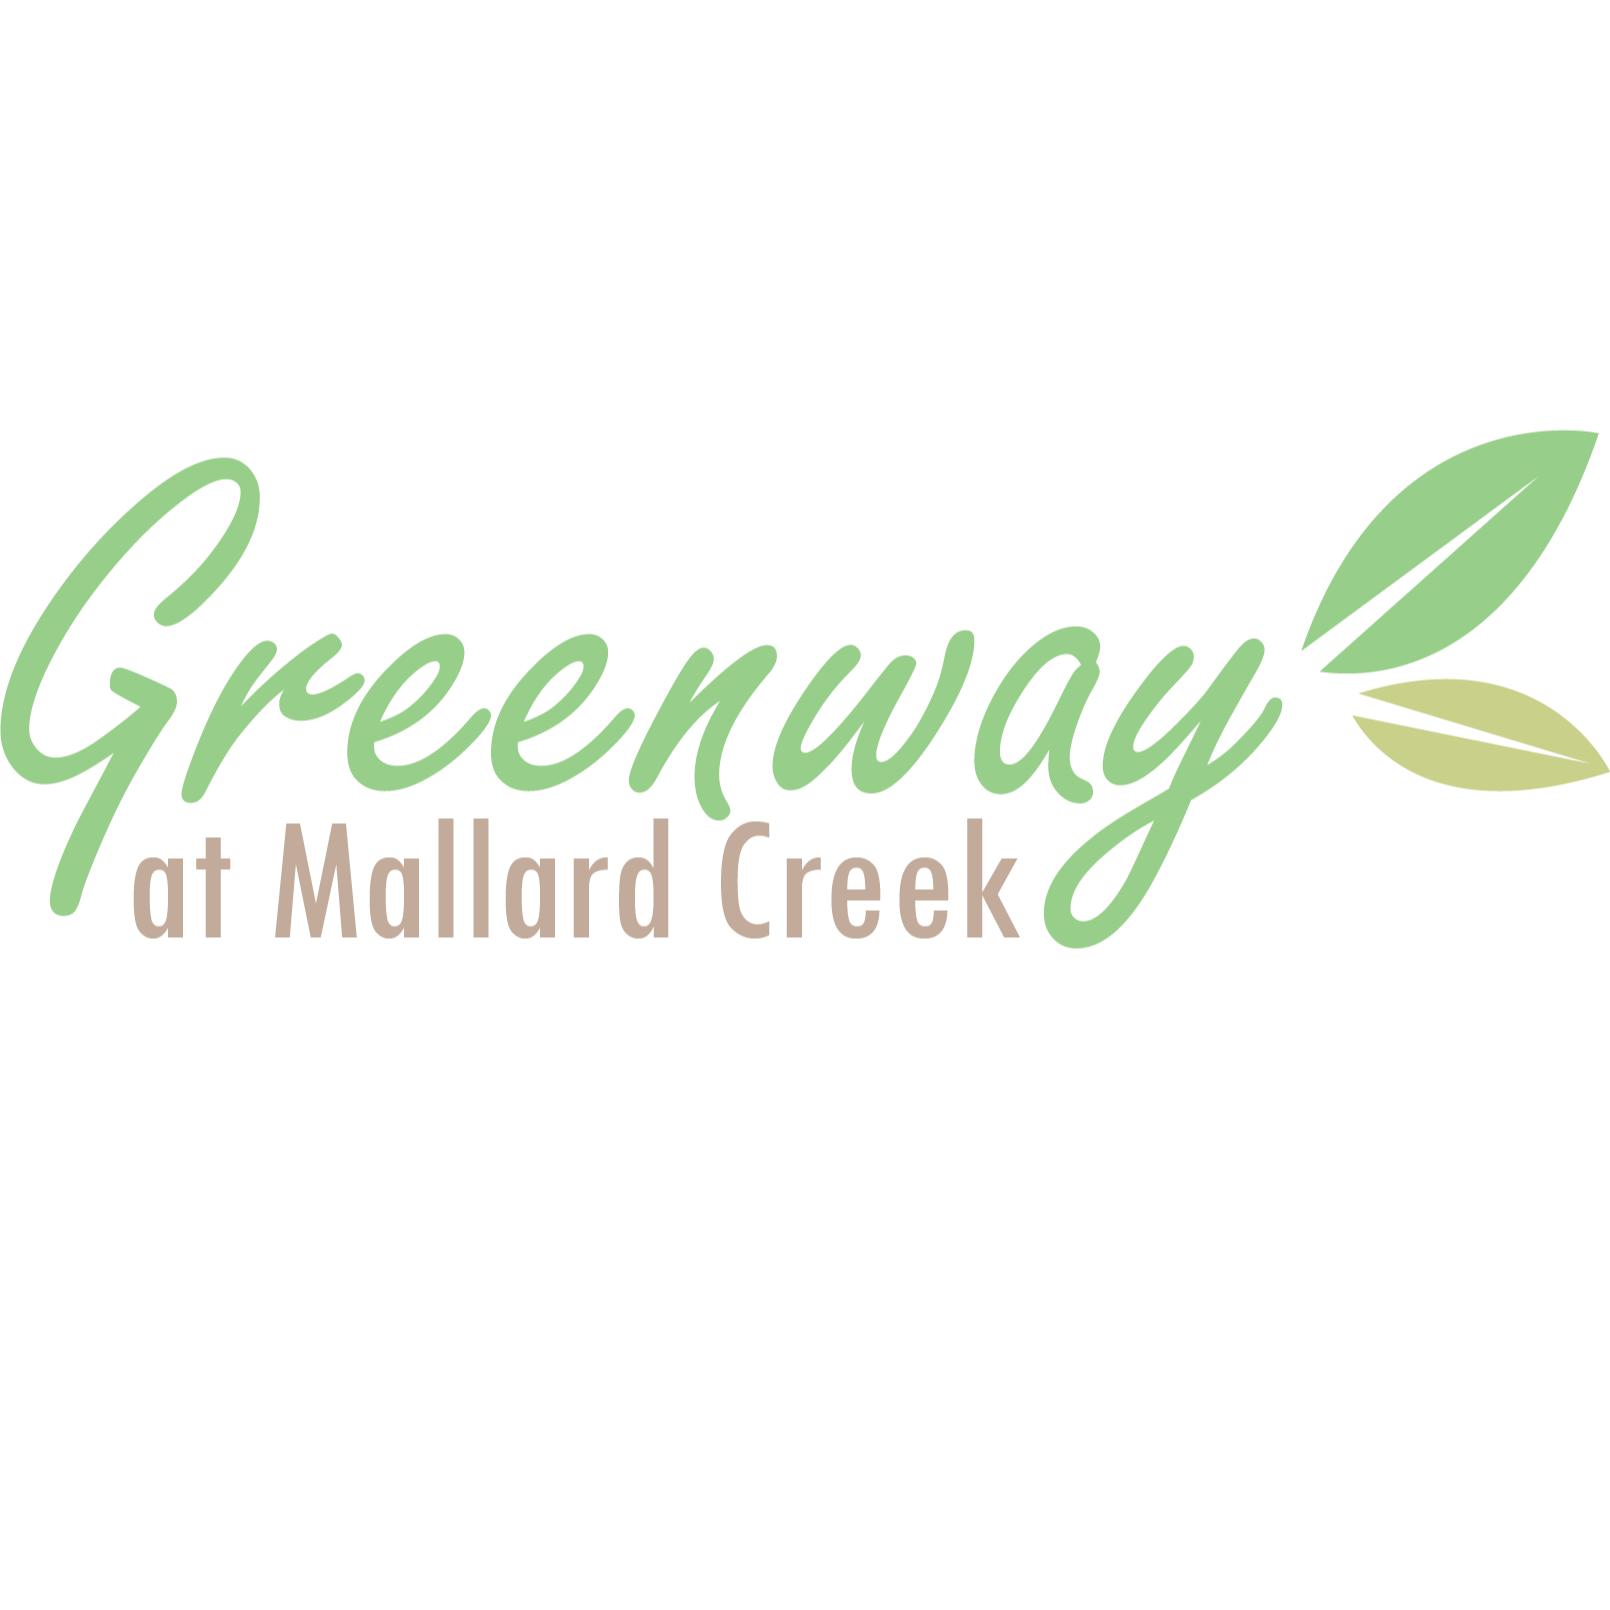 Greenway at Mallard Creek